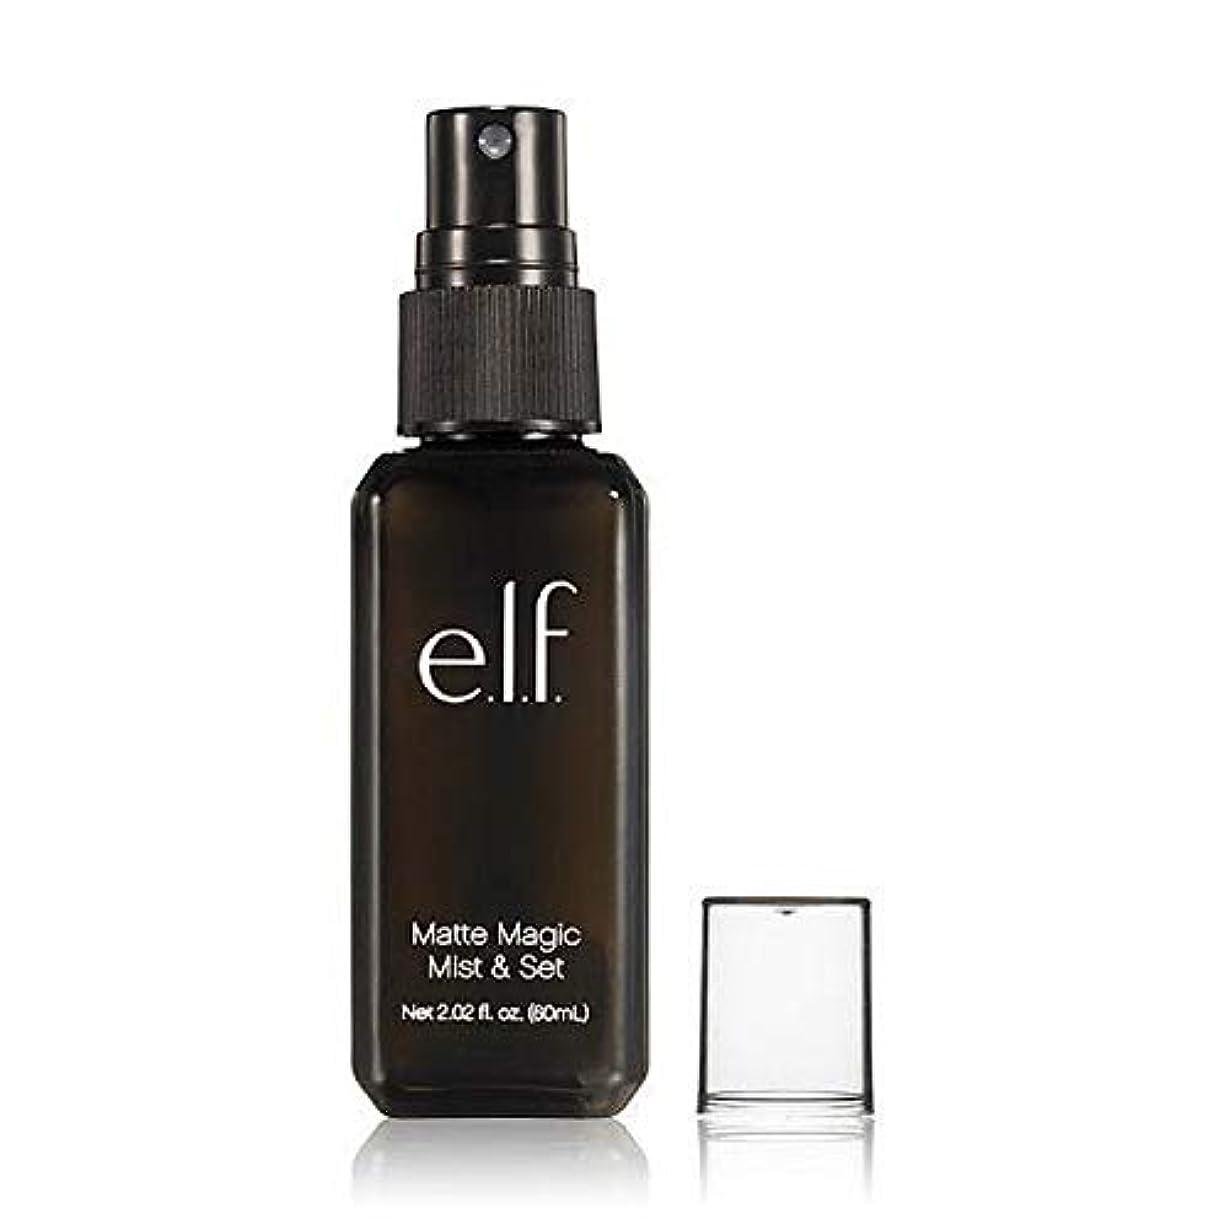 限界ファーザーファージュ年齢[Elf ] ミスト&セットスプレーを照らすE.L.F - e.l.f Illuminating Mist & Set Spray [並行輸入品]